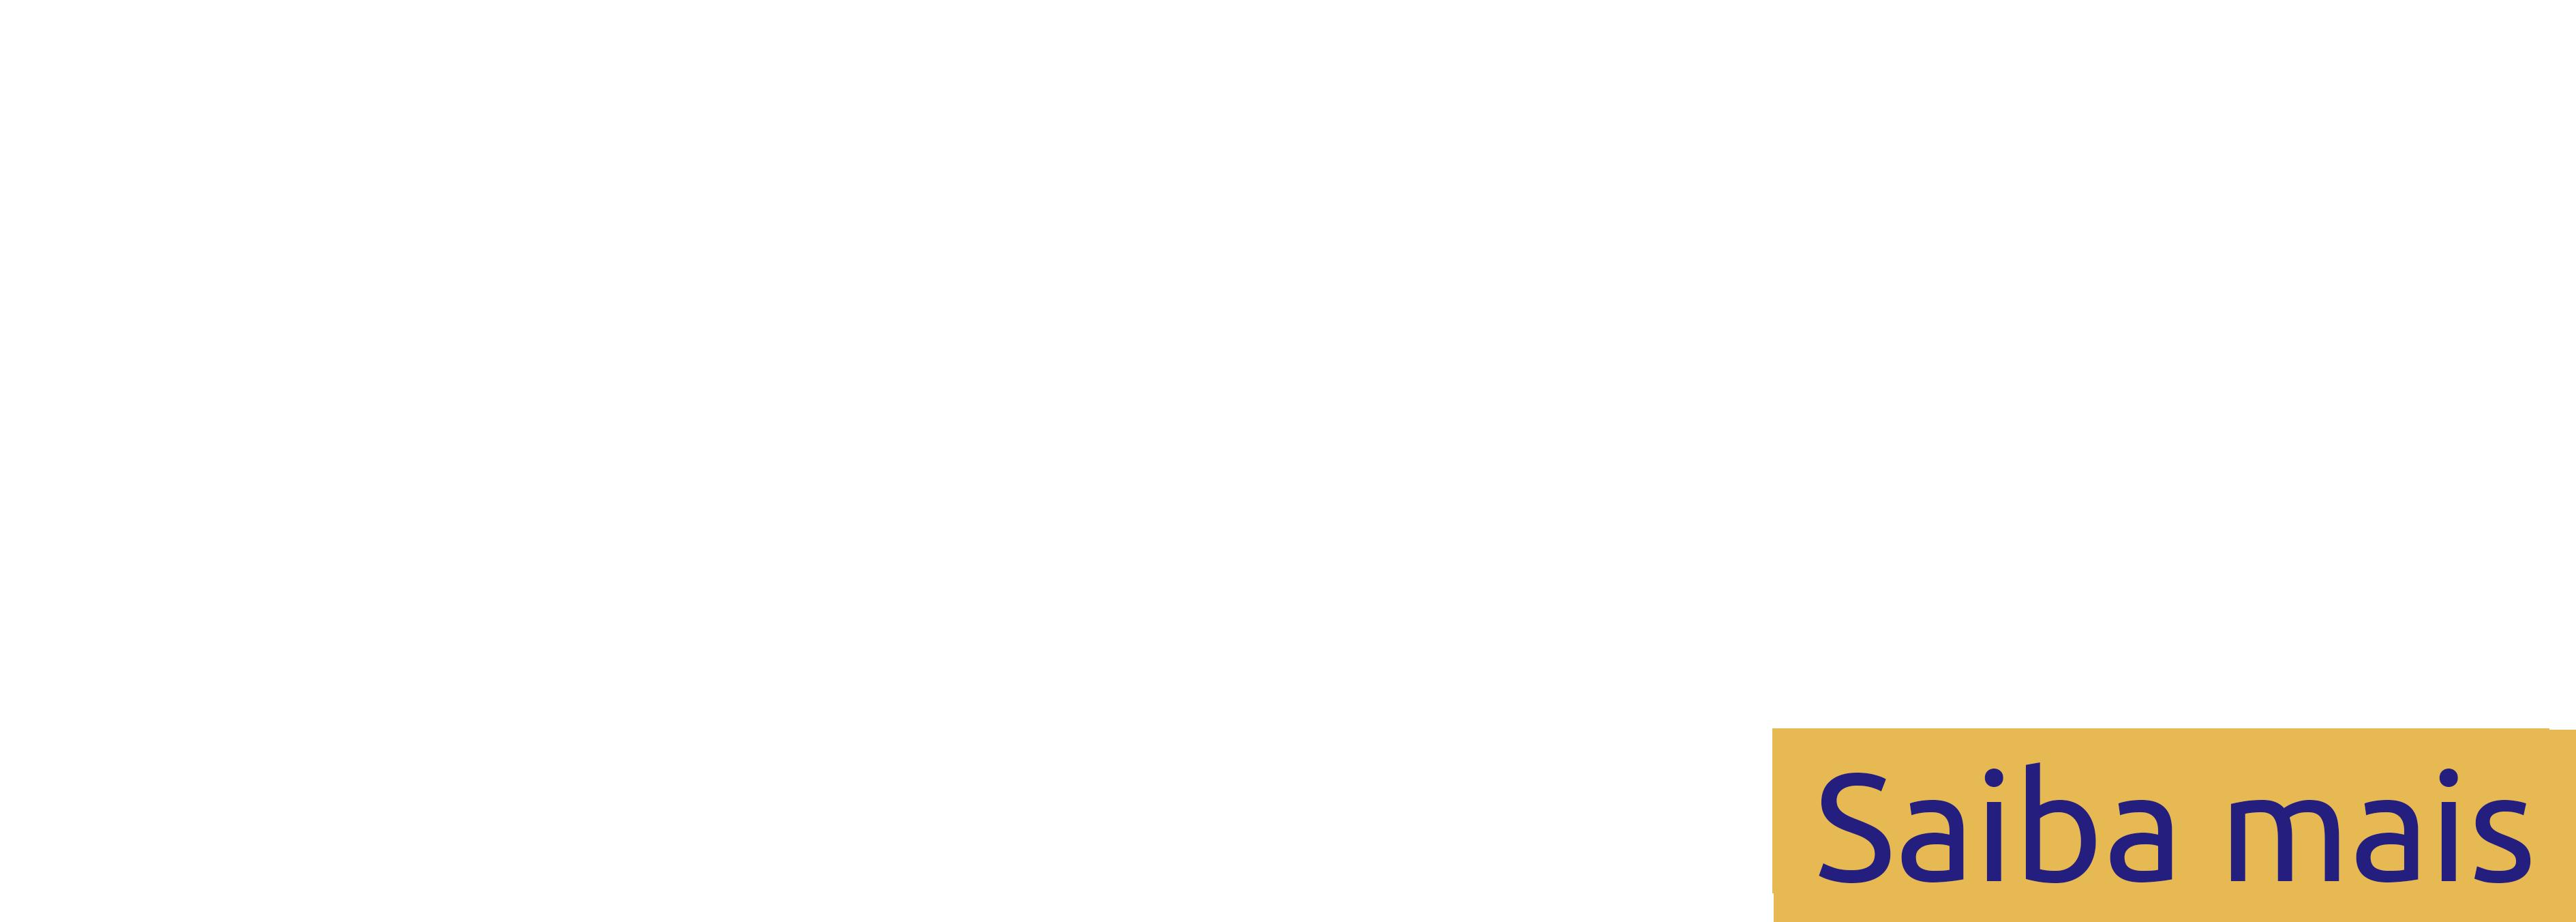 banner site ações coletivas saiba mais 3